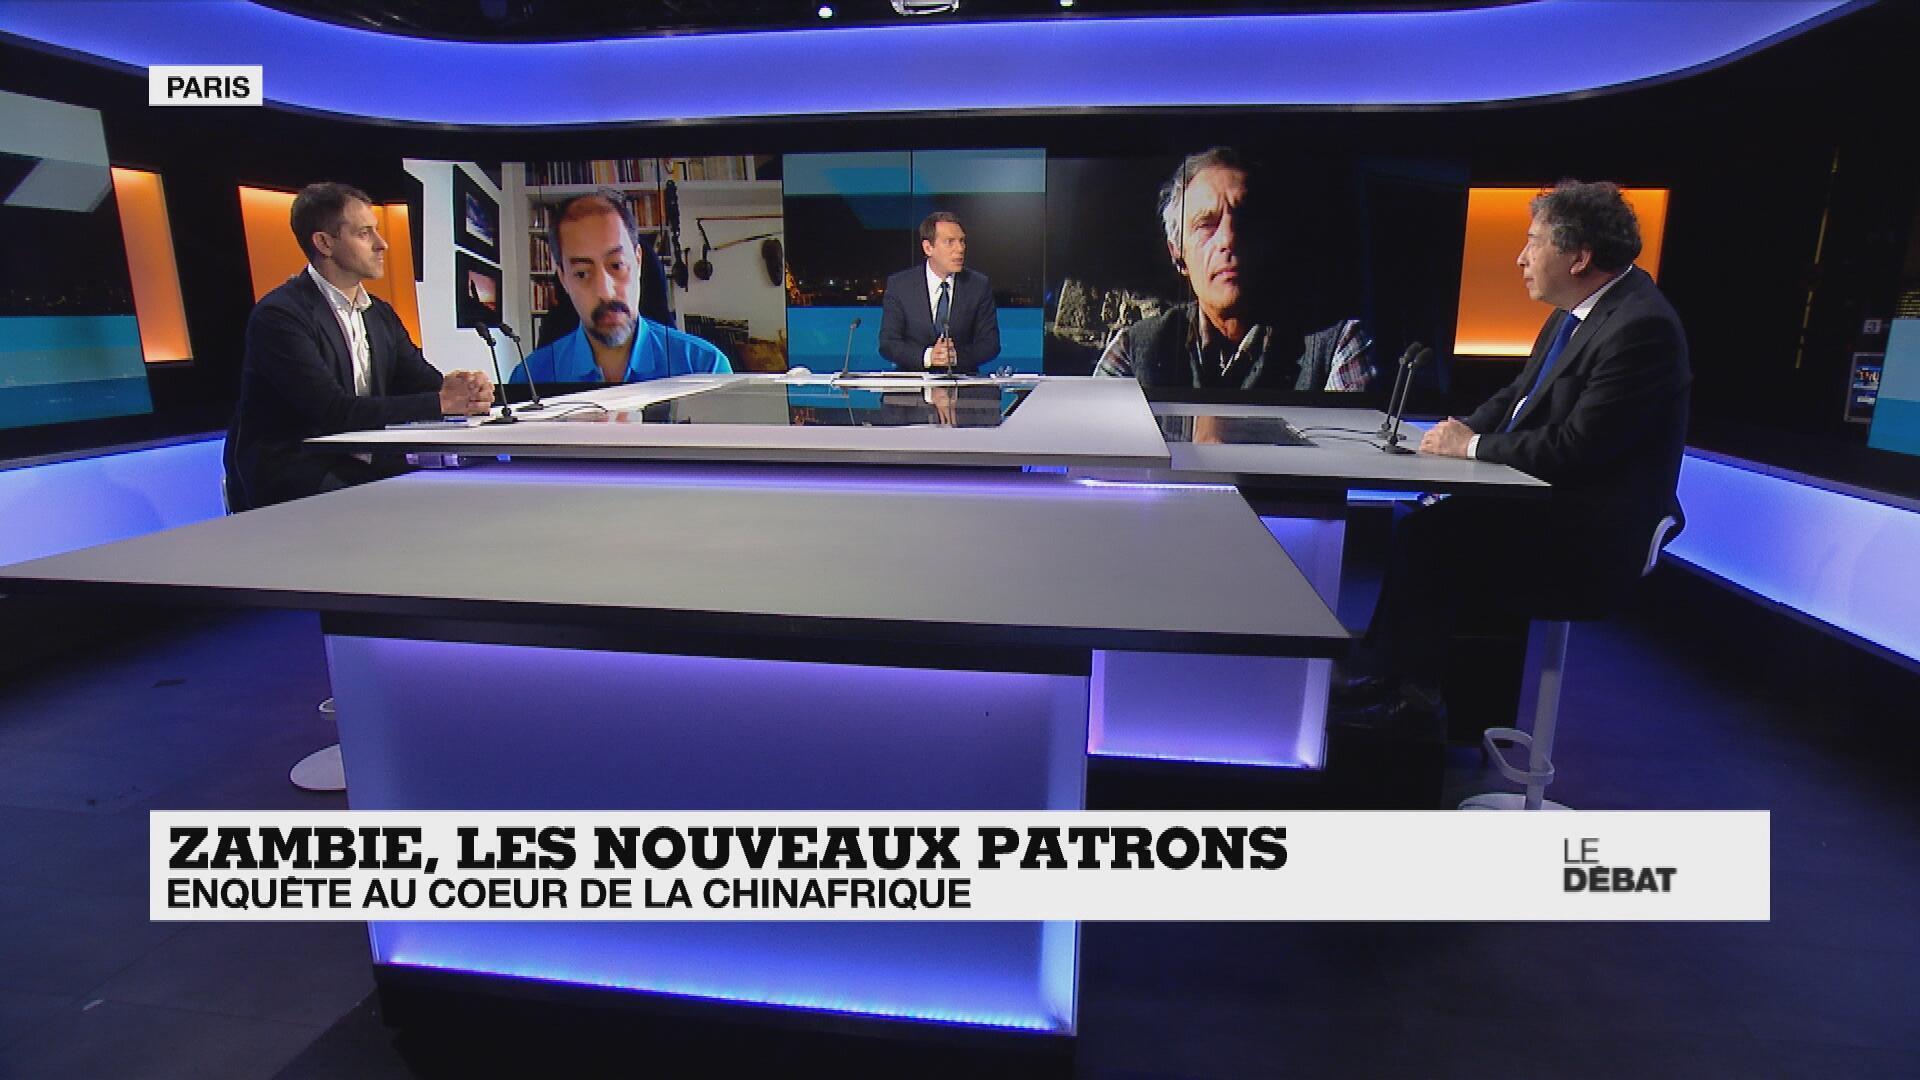 Le Débat de France 24 - lundi 29 mars 2021